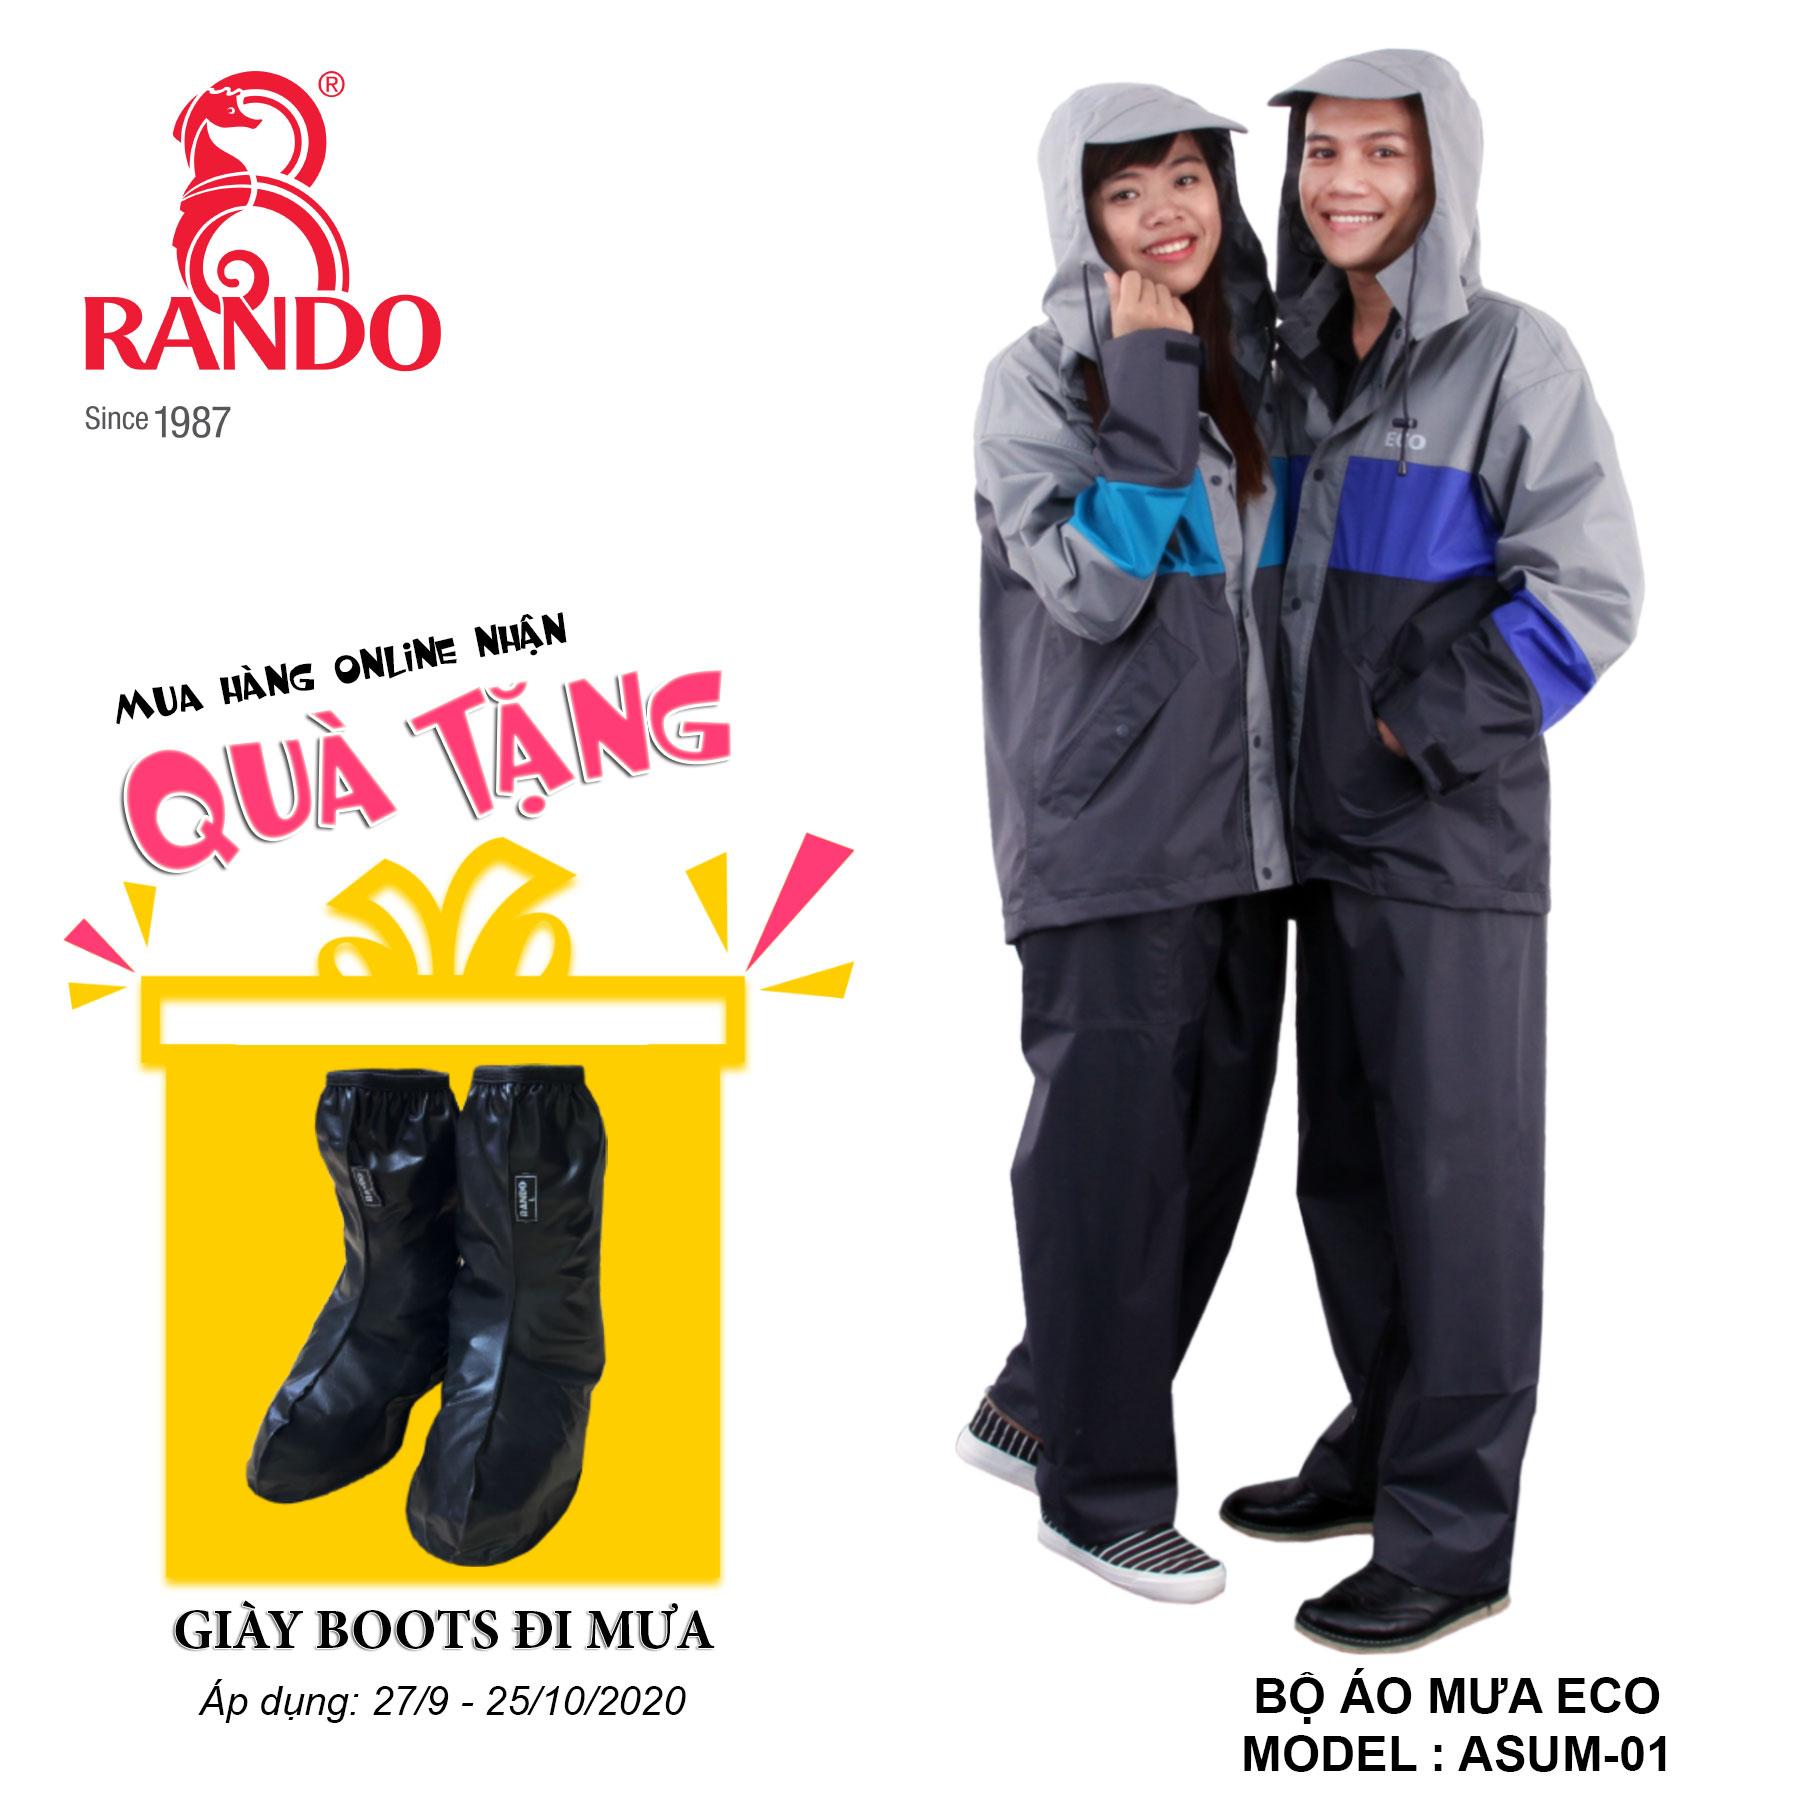 Mua bộ áo mưa ECO tặng GIÀY BOOTS đi mưa RANDO